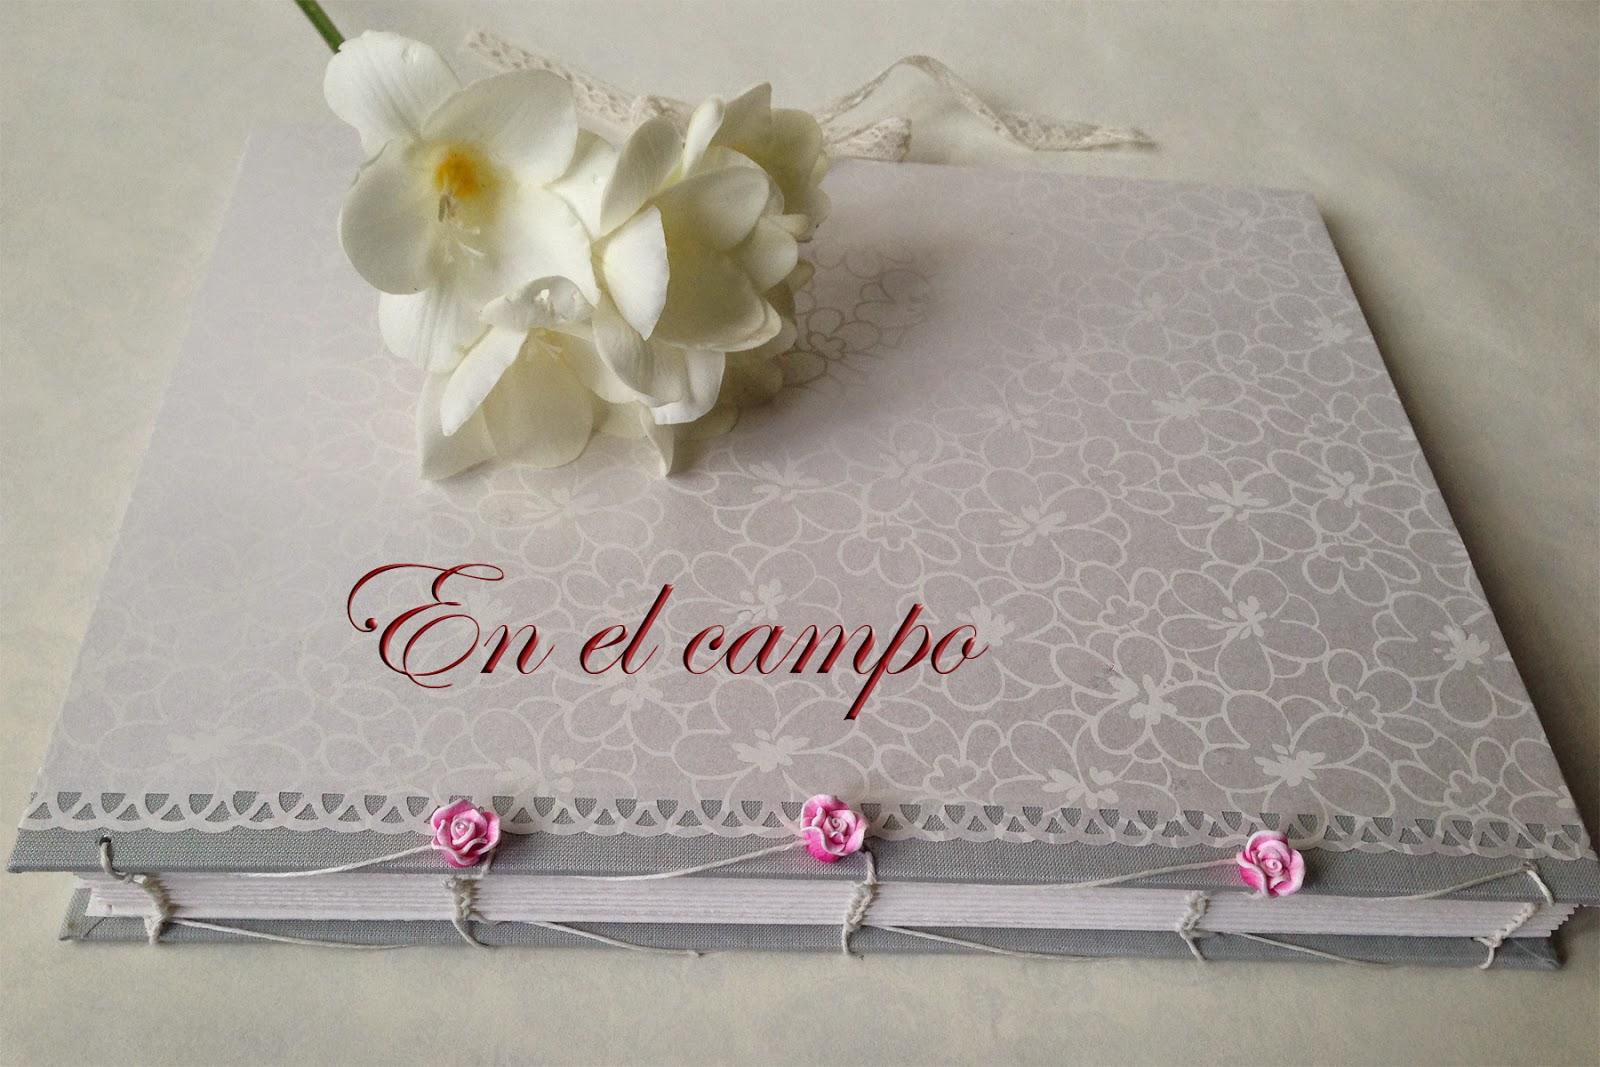 guest book wedding libro de firmas artesanal bodas cosido copto coptic bookbinding